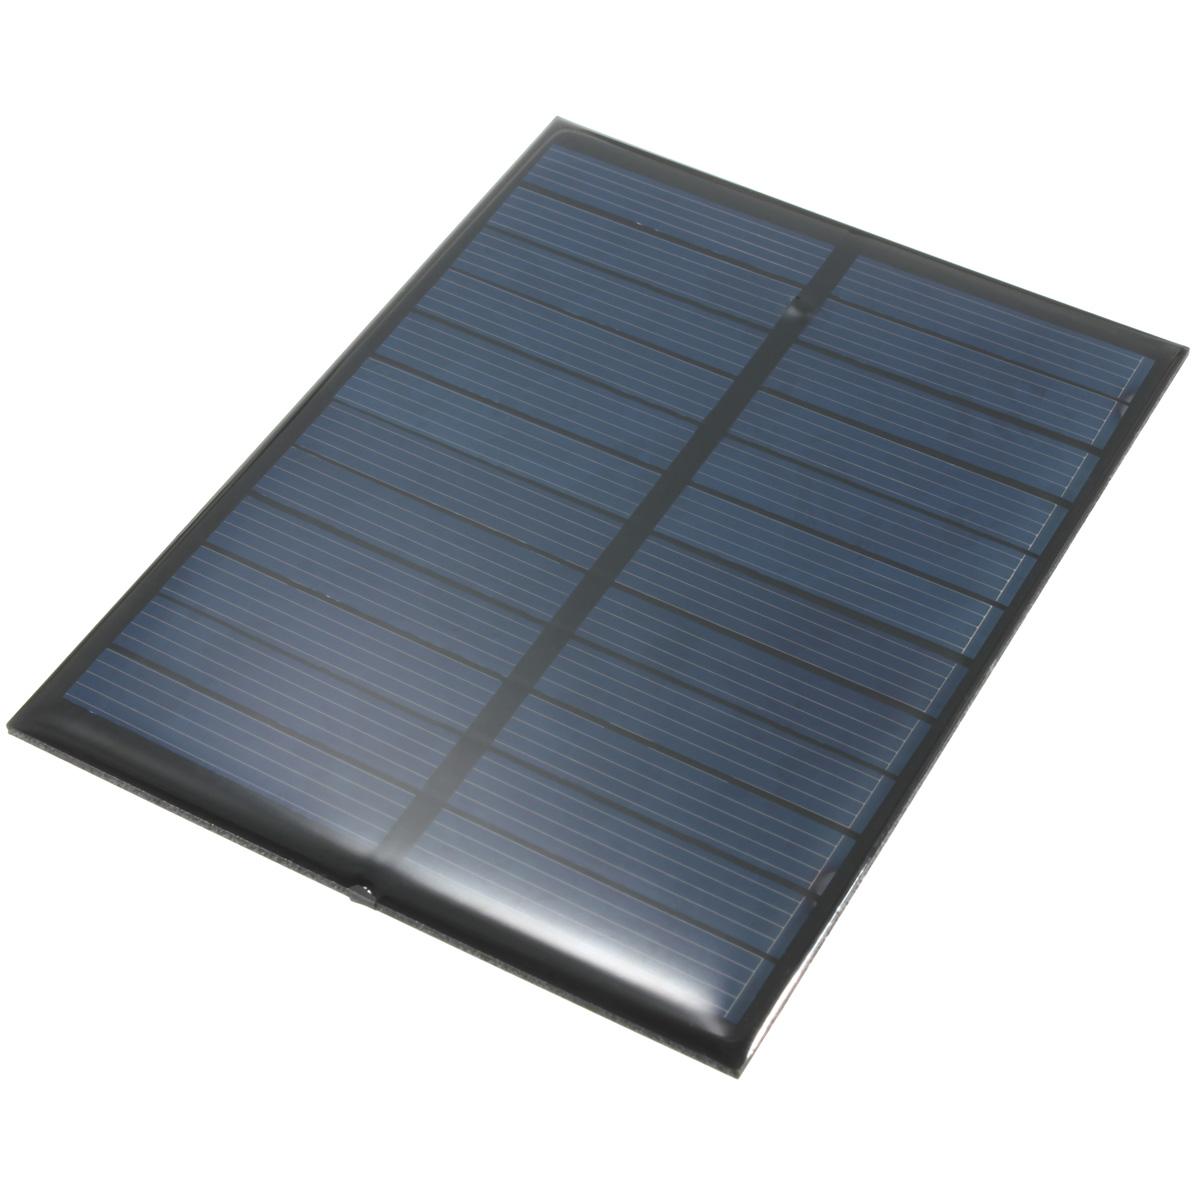 6v panneau solaire petit module cellule photovolta que pv bricolage chargeur uk ebay. Black Bedroom Furniture Sets. Home Design Ideas